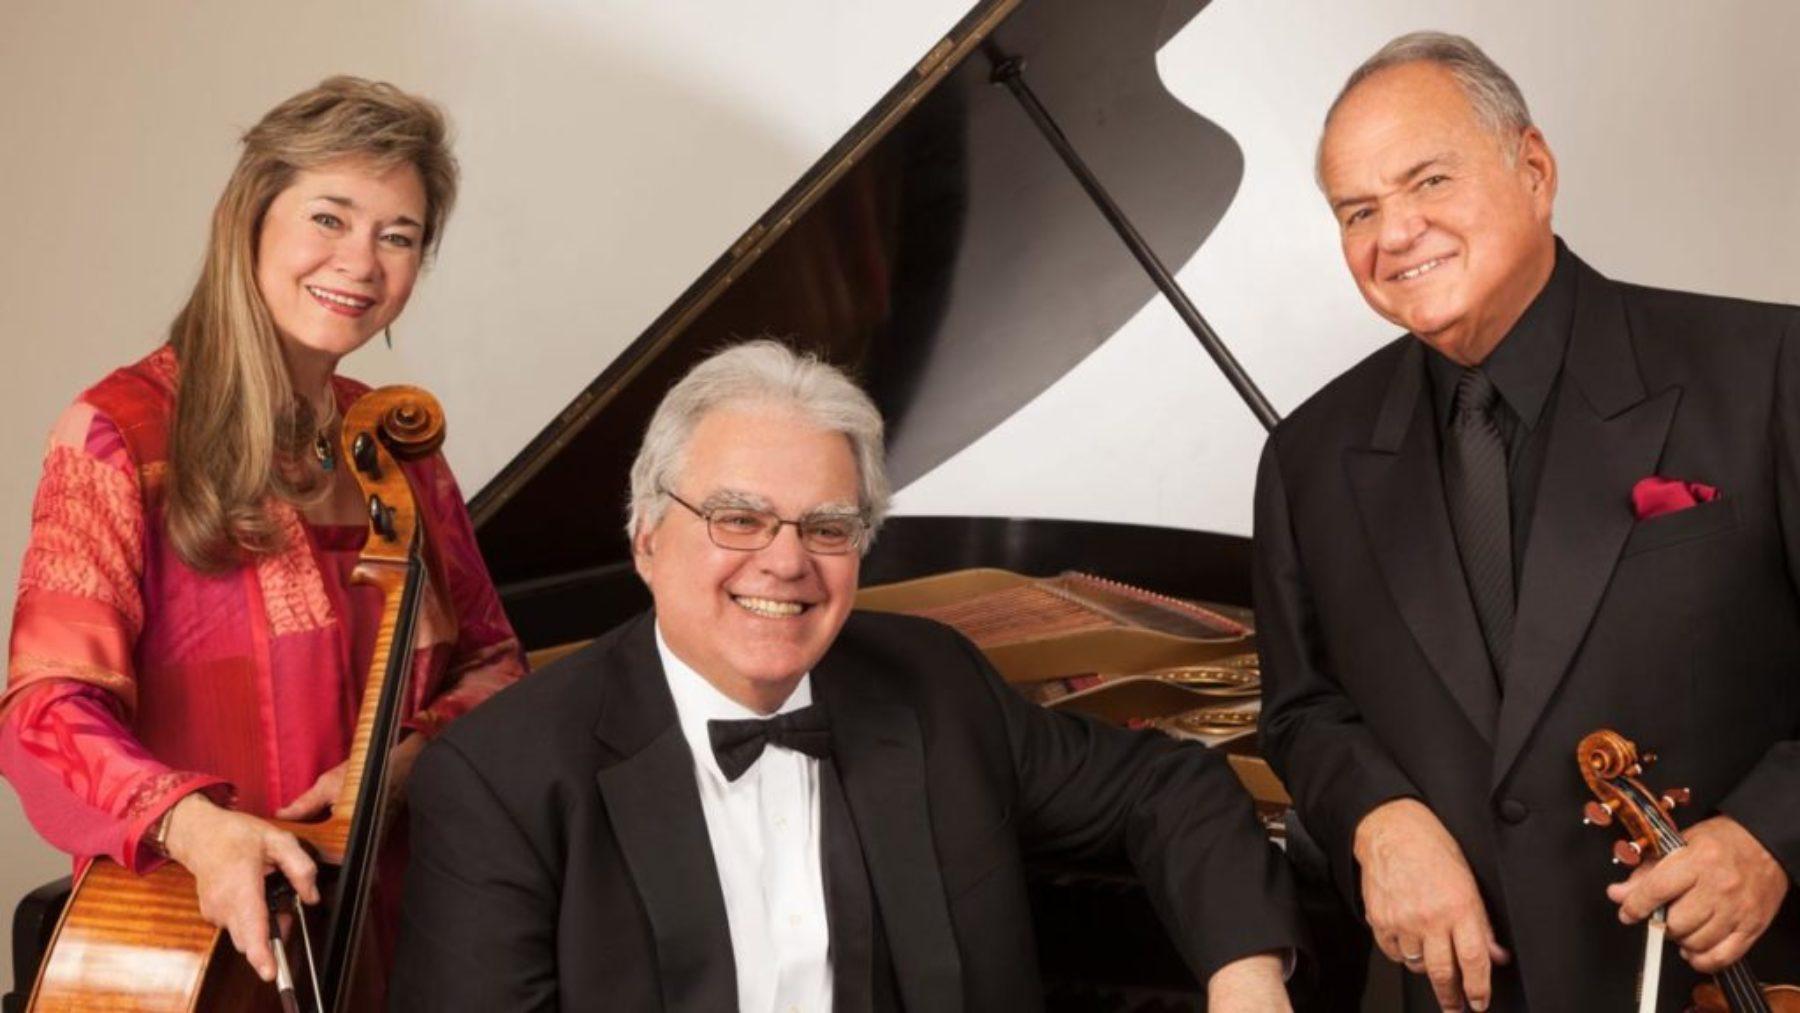 Kalichstein-Laredo-Robinson Trio  - Sat. Mar. 23, 2019, 8pm